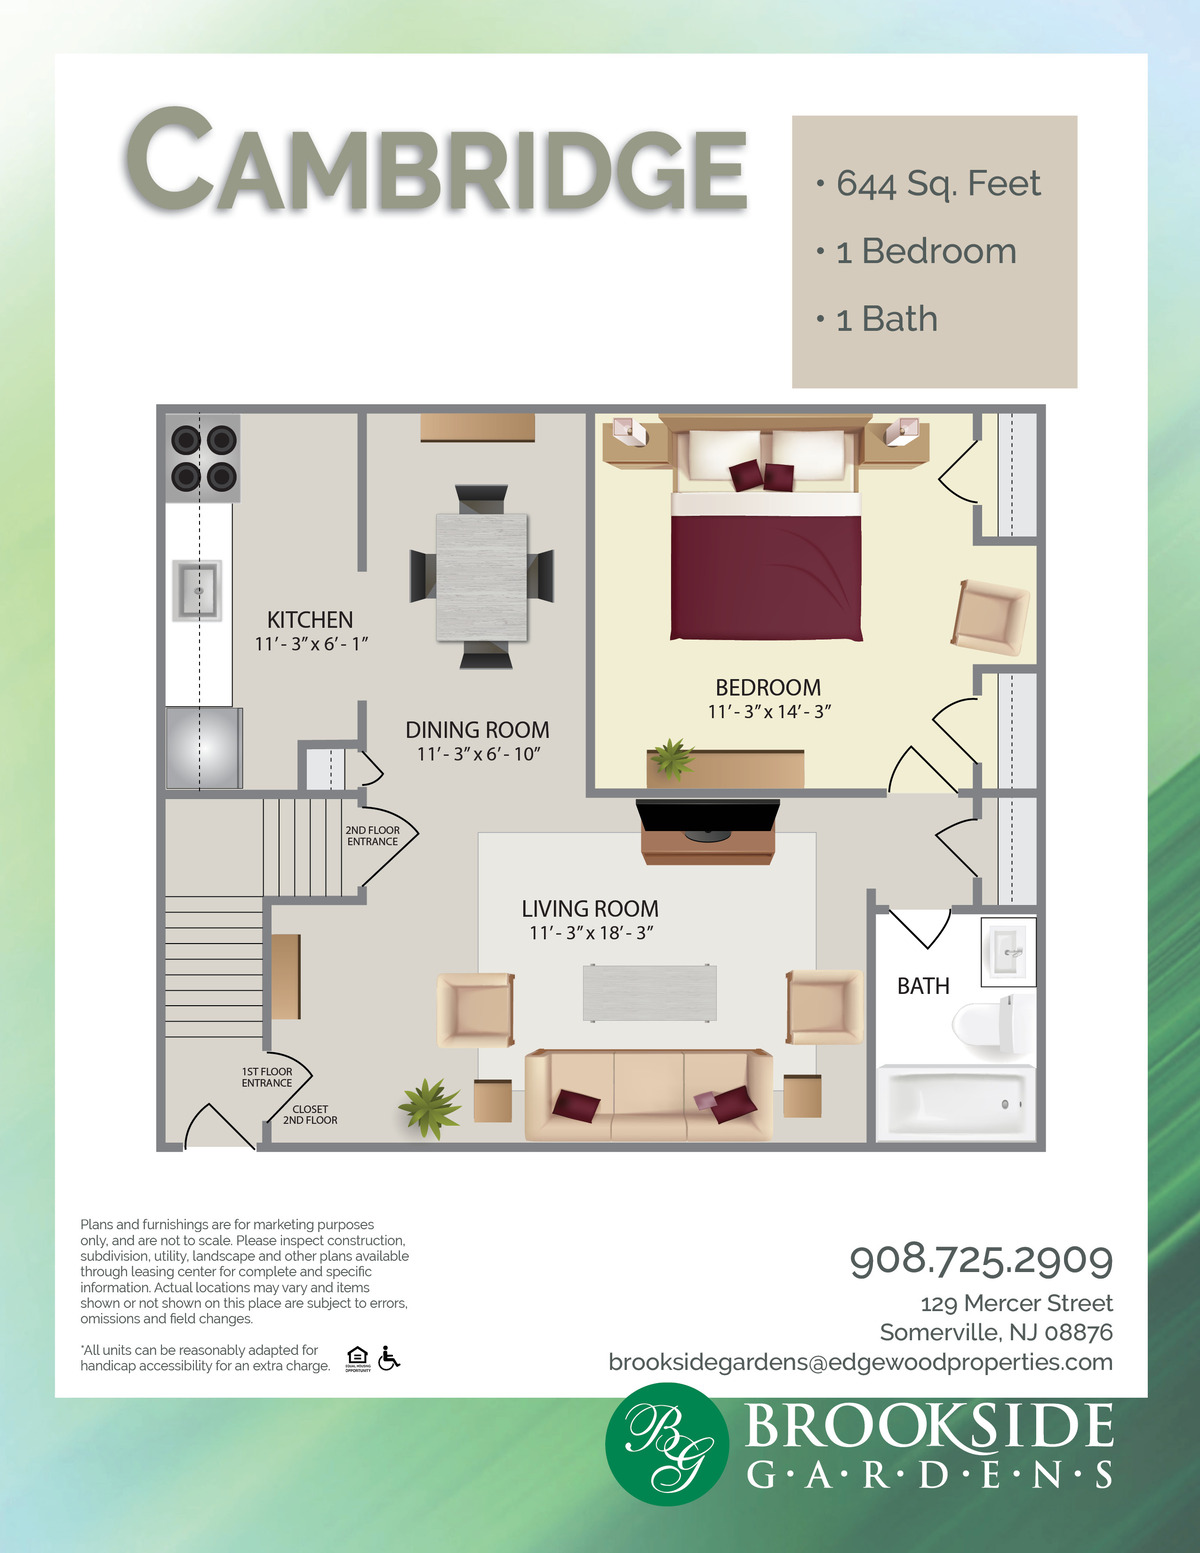 Brookside Gardens Cambridge Floor Plans